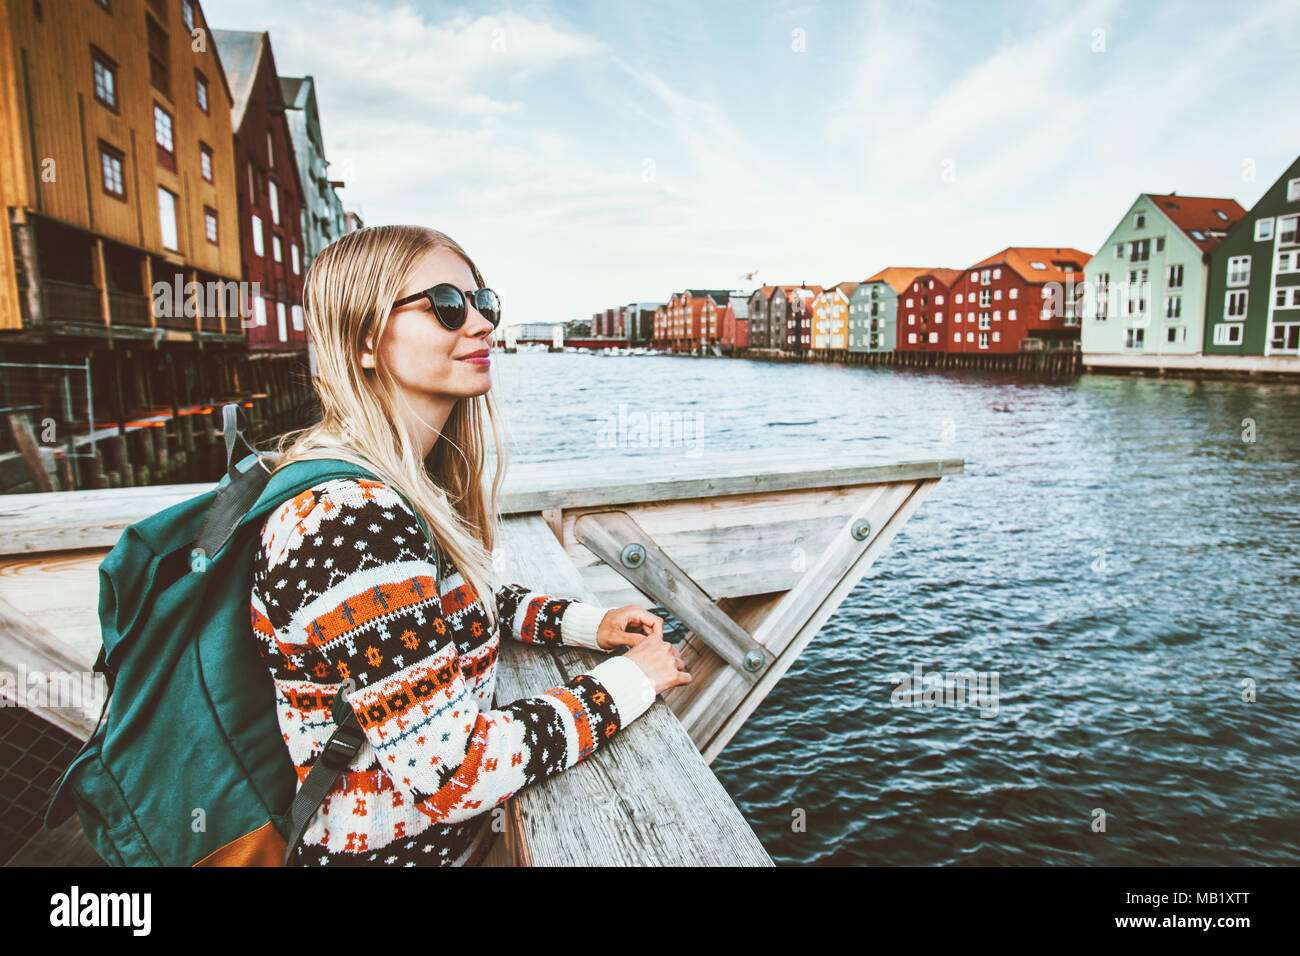 6fcddea7ac Jeune blonde femme voyageant dans la ville de Trondheim en Norvège vacances  week-end en plein air avec touristiques vie fille sac à dos visites  architecture ...